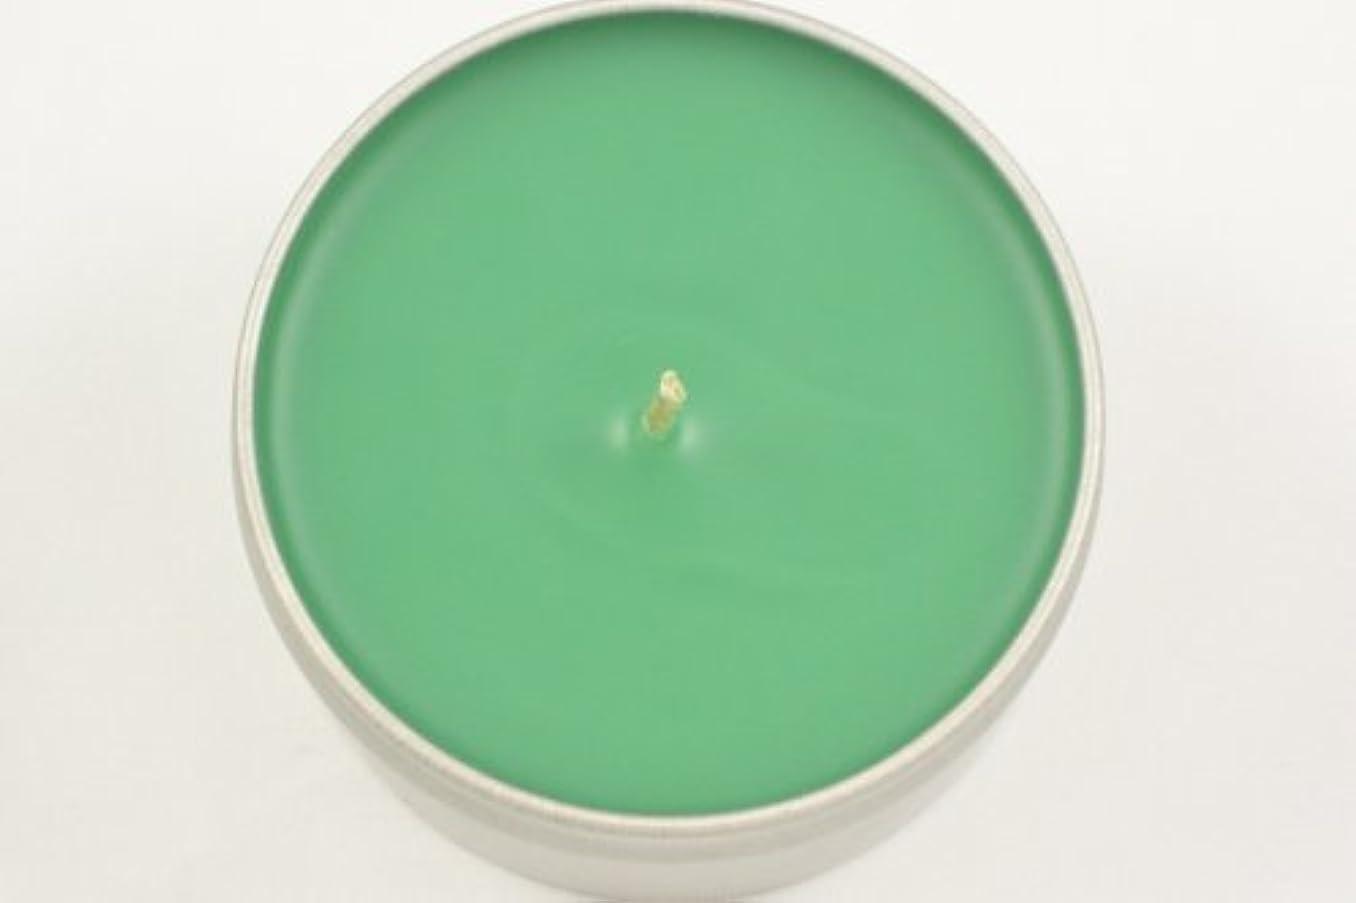 エキゾチックピア退屈魅惑的なキャンドルセージ葉Scented Candle 8 oz